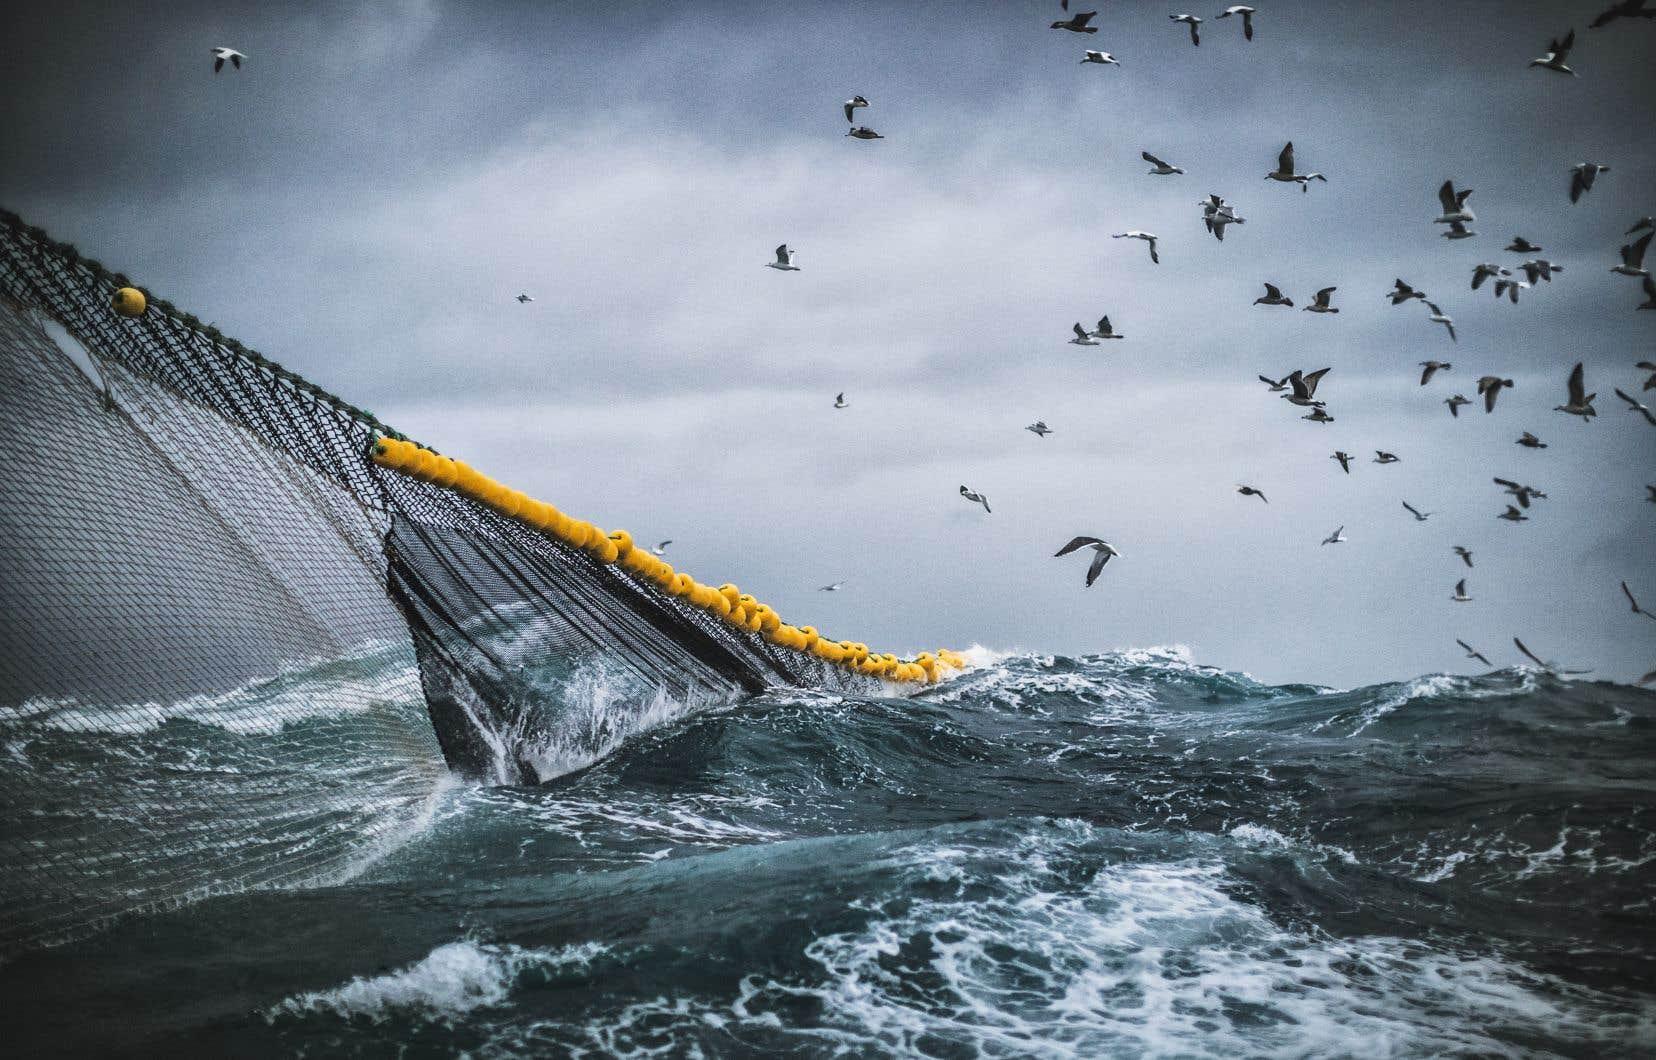 Ce traité sur la haute mer est considéré comme urgent pour stopper la perte de la biodiversité marine et l'extinction de certaines espèces.